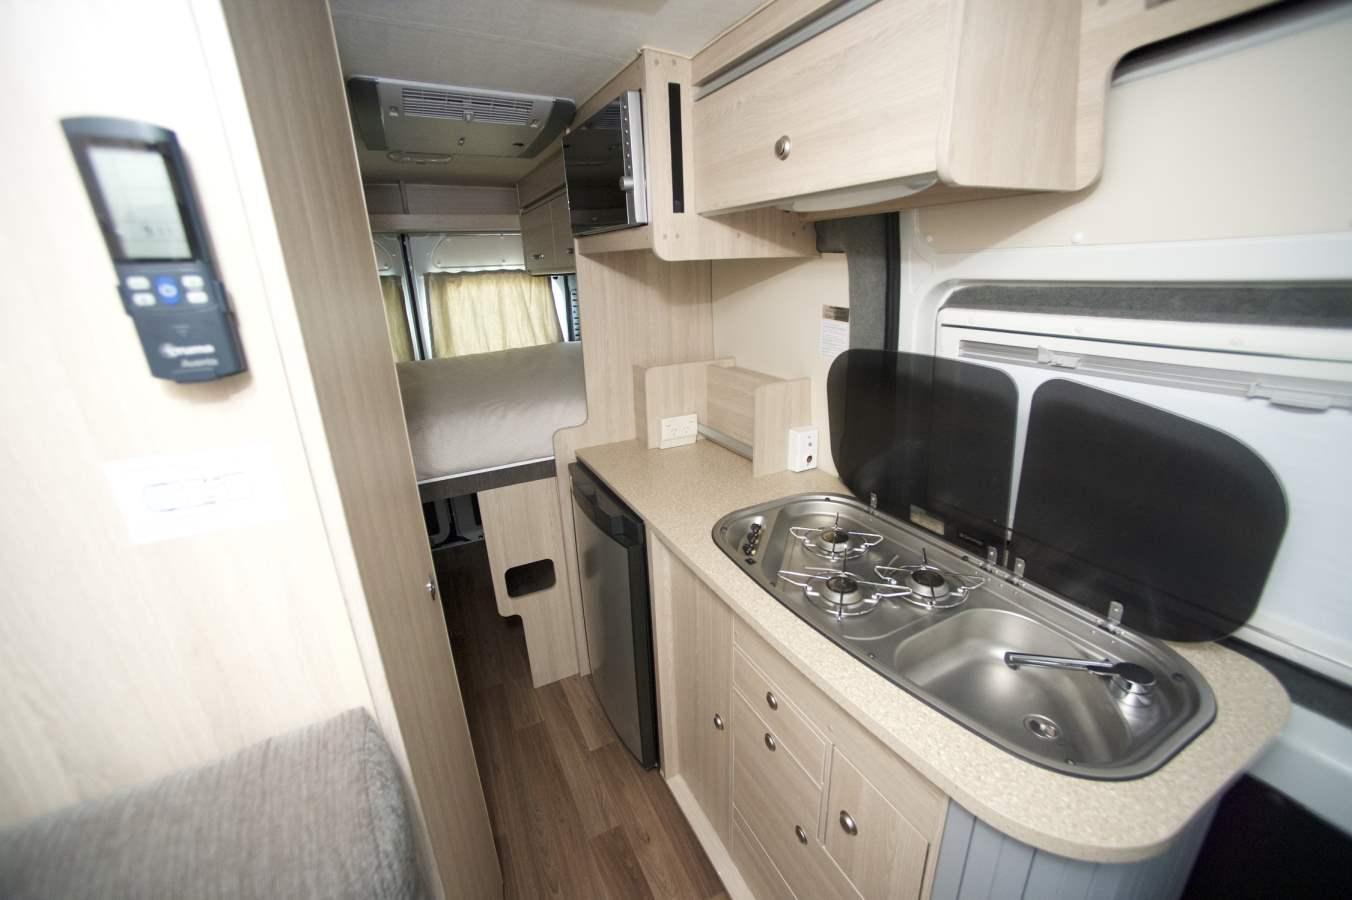 Cruisin Sandpiper Kitchen Interior -RV Hire Hobart - Campervan Rental Shop